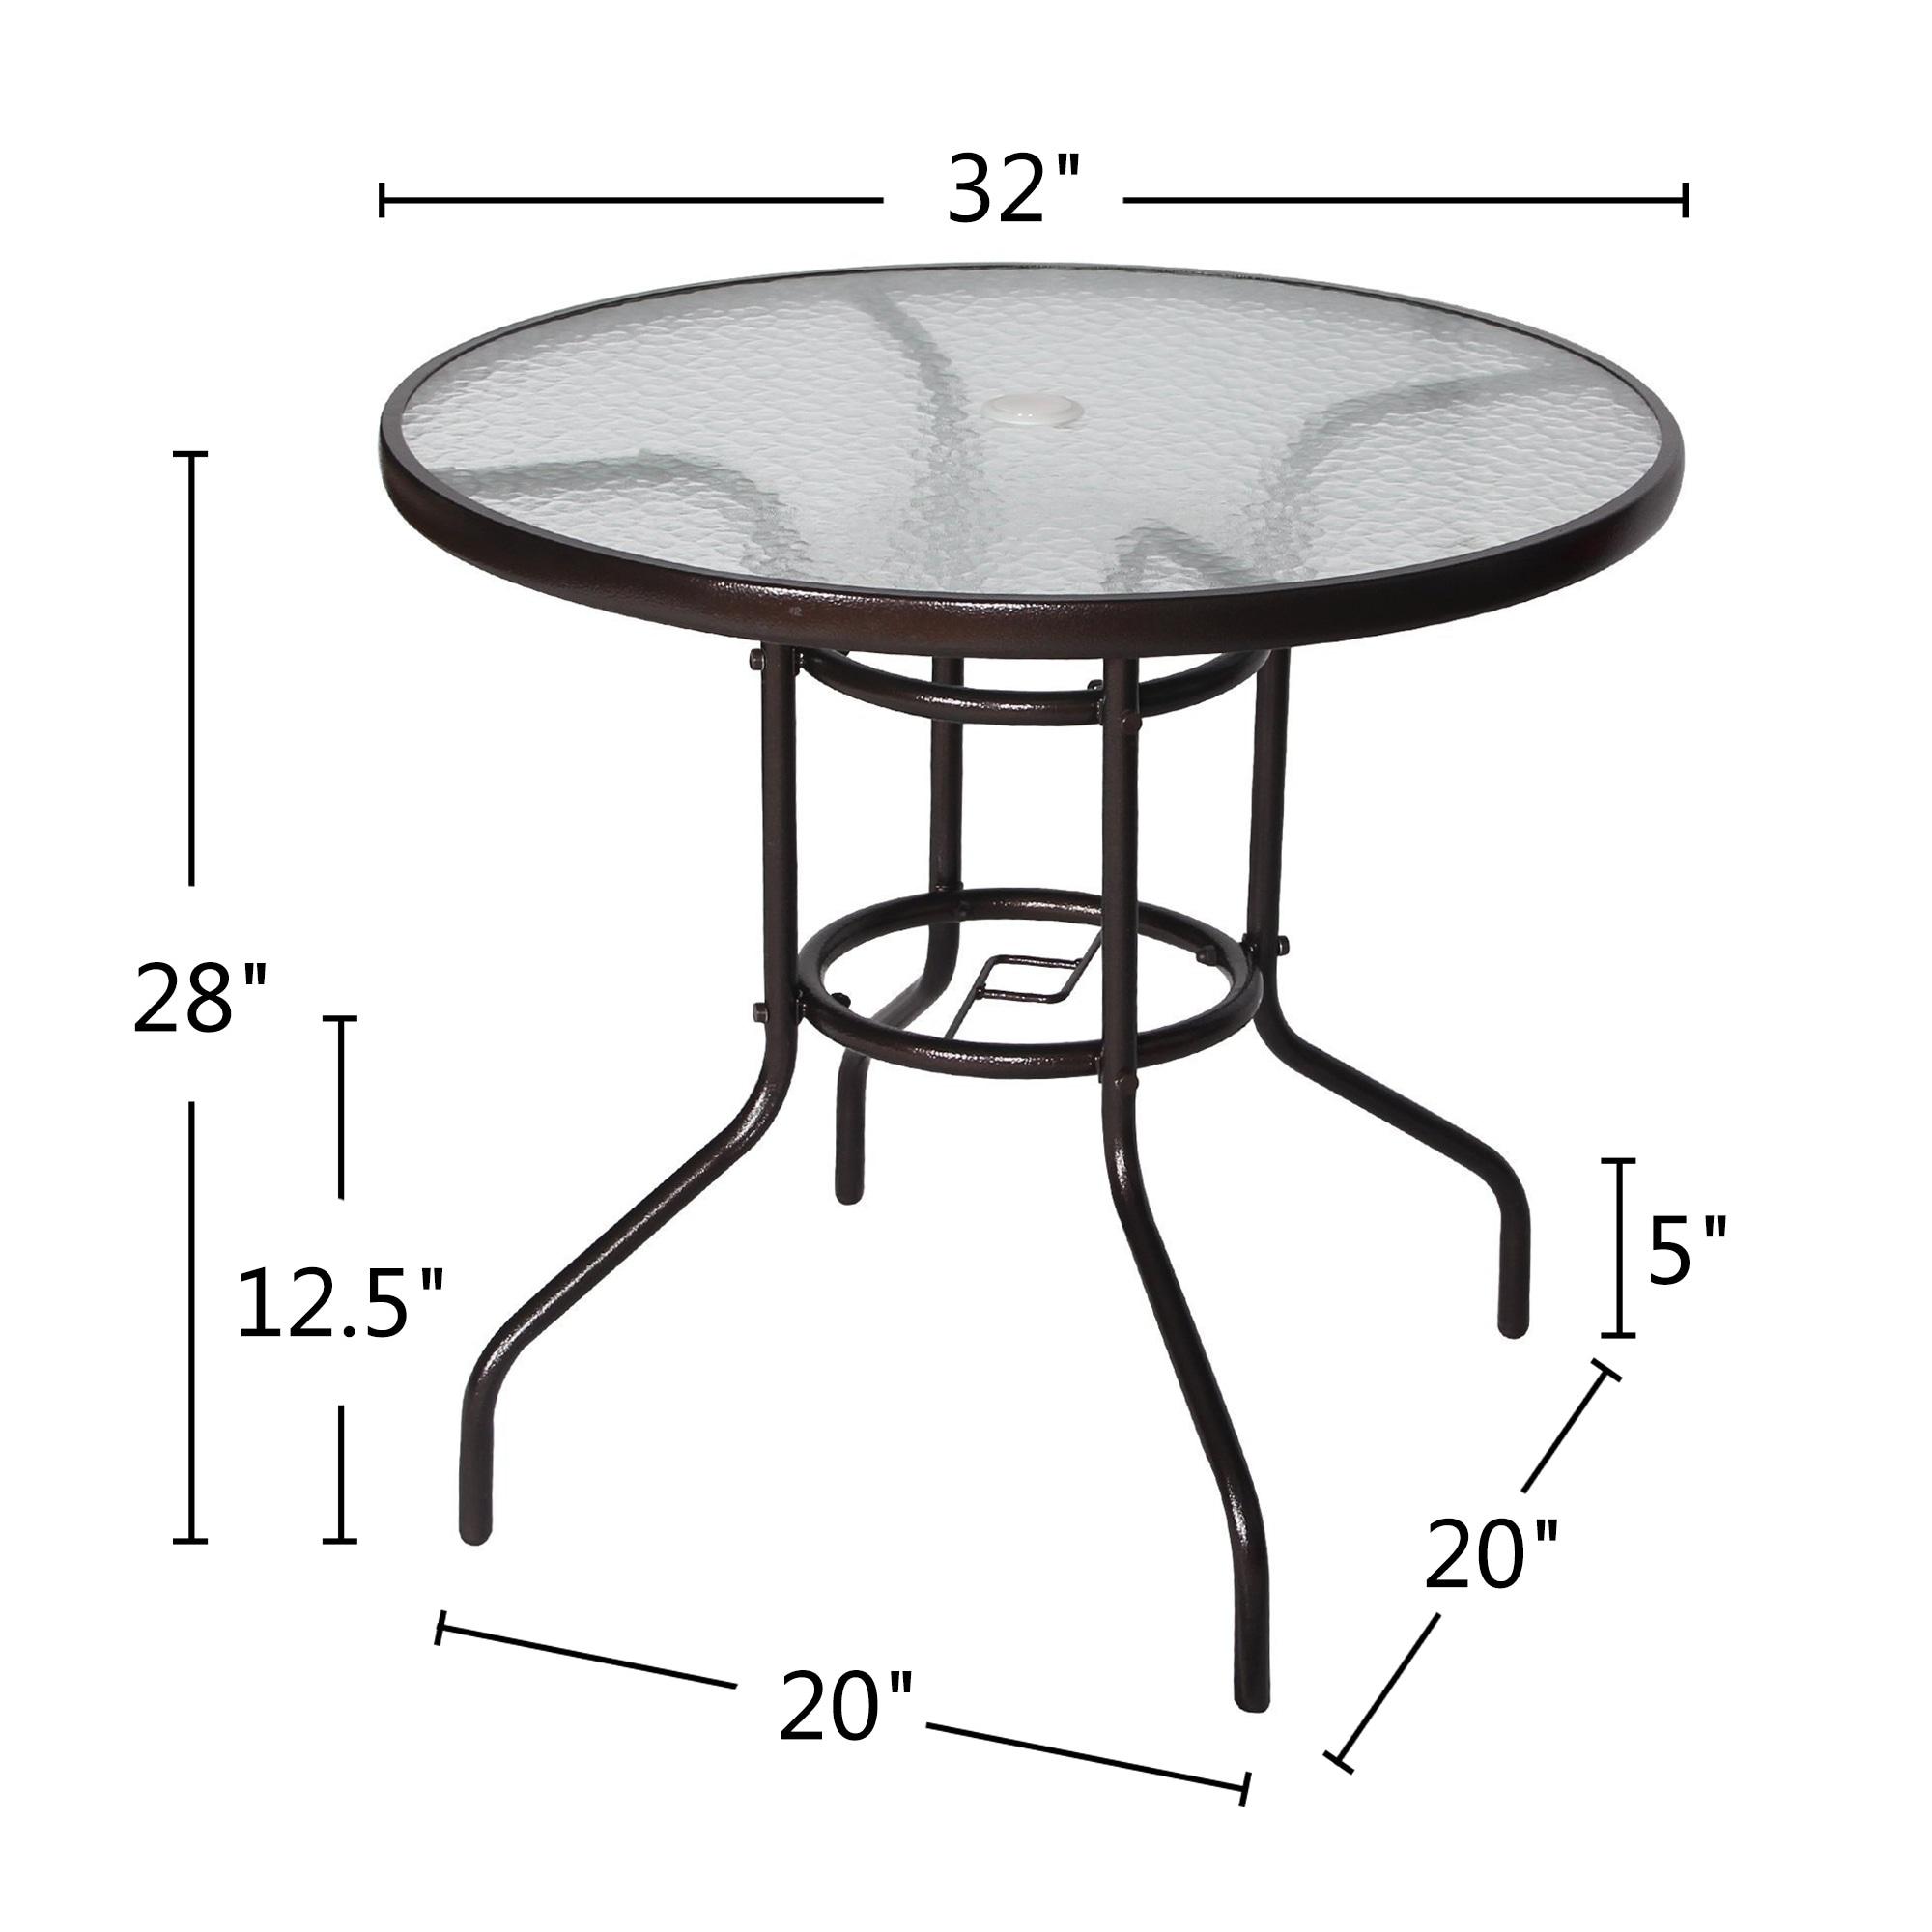 outdoor round table top 32 outdoor round table top a prashanti co